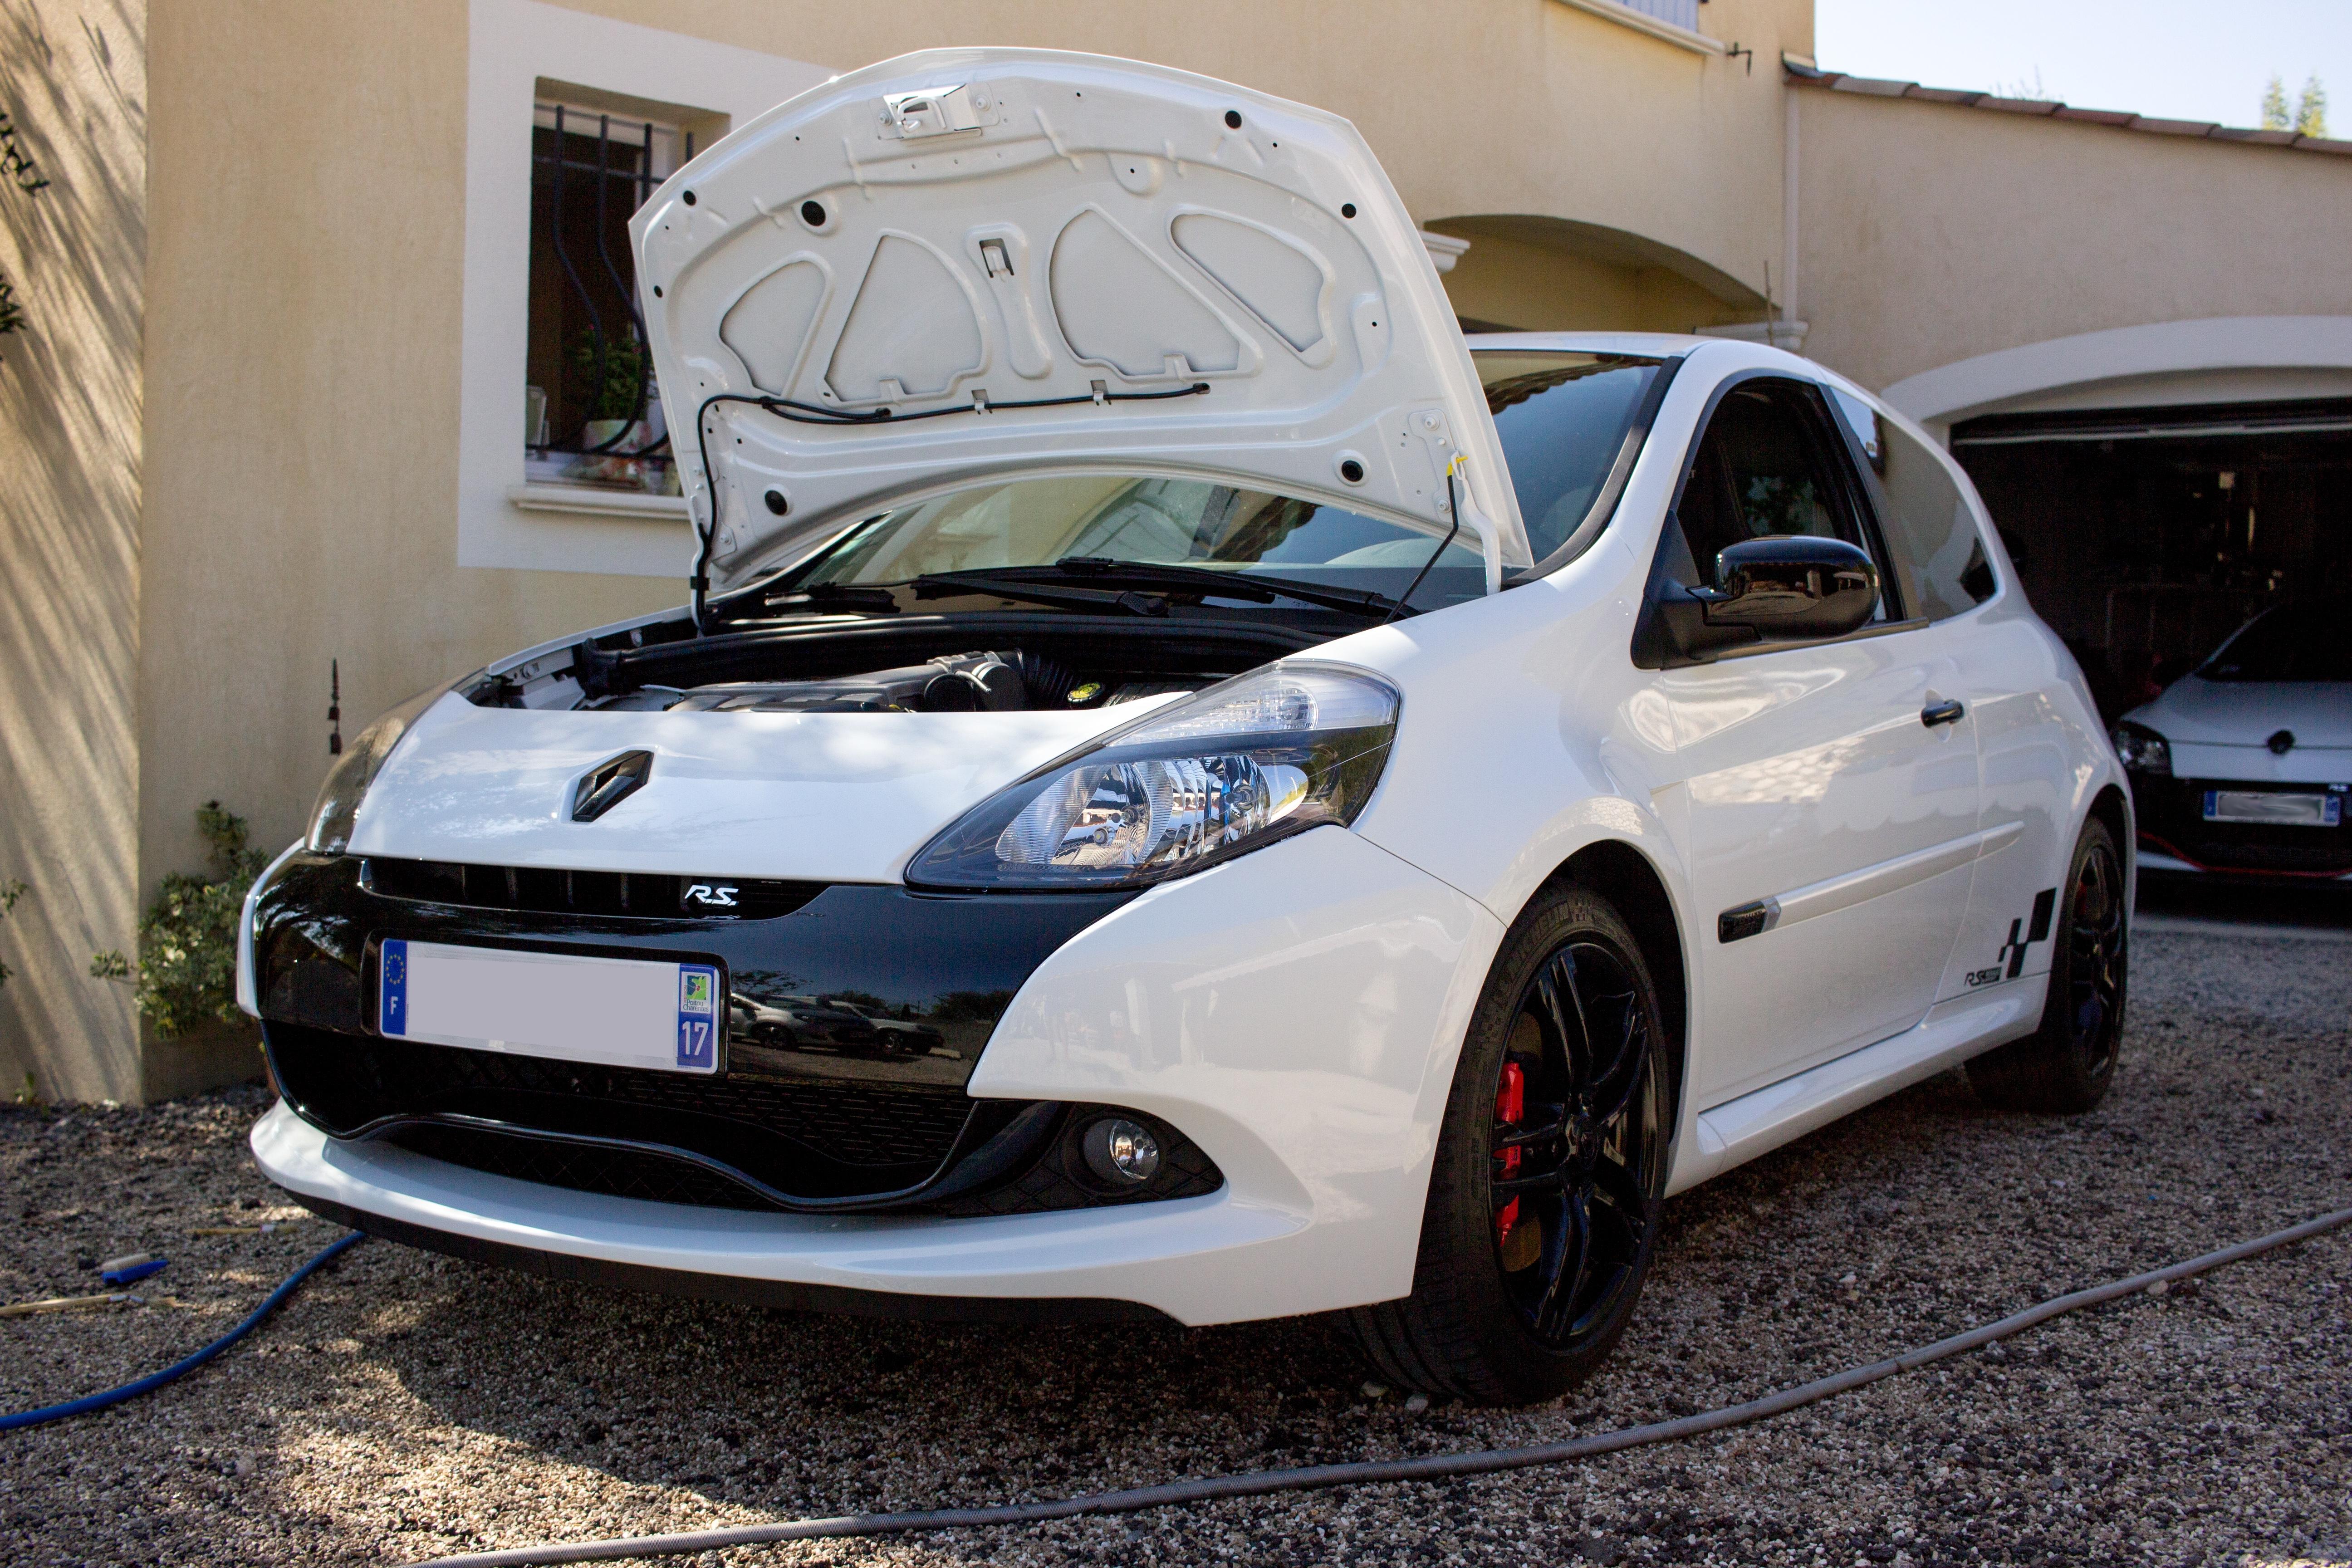 Prez Renault Clio 3 Rs De Chiquillo Sur Le Forum